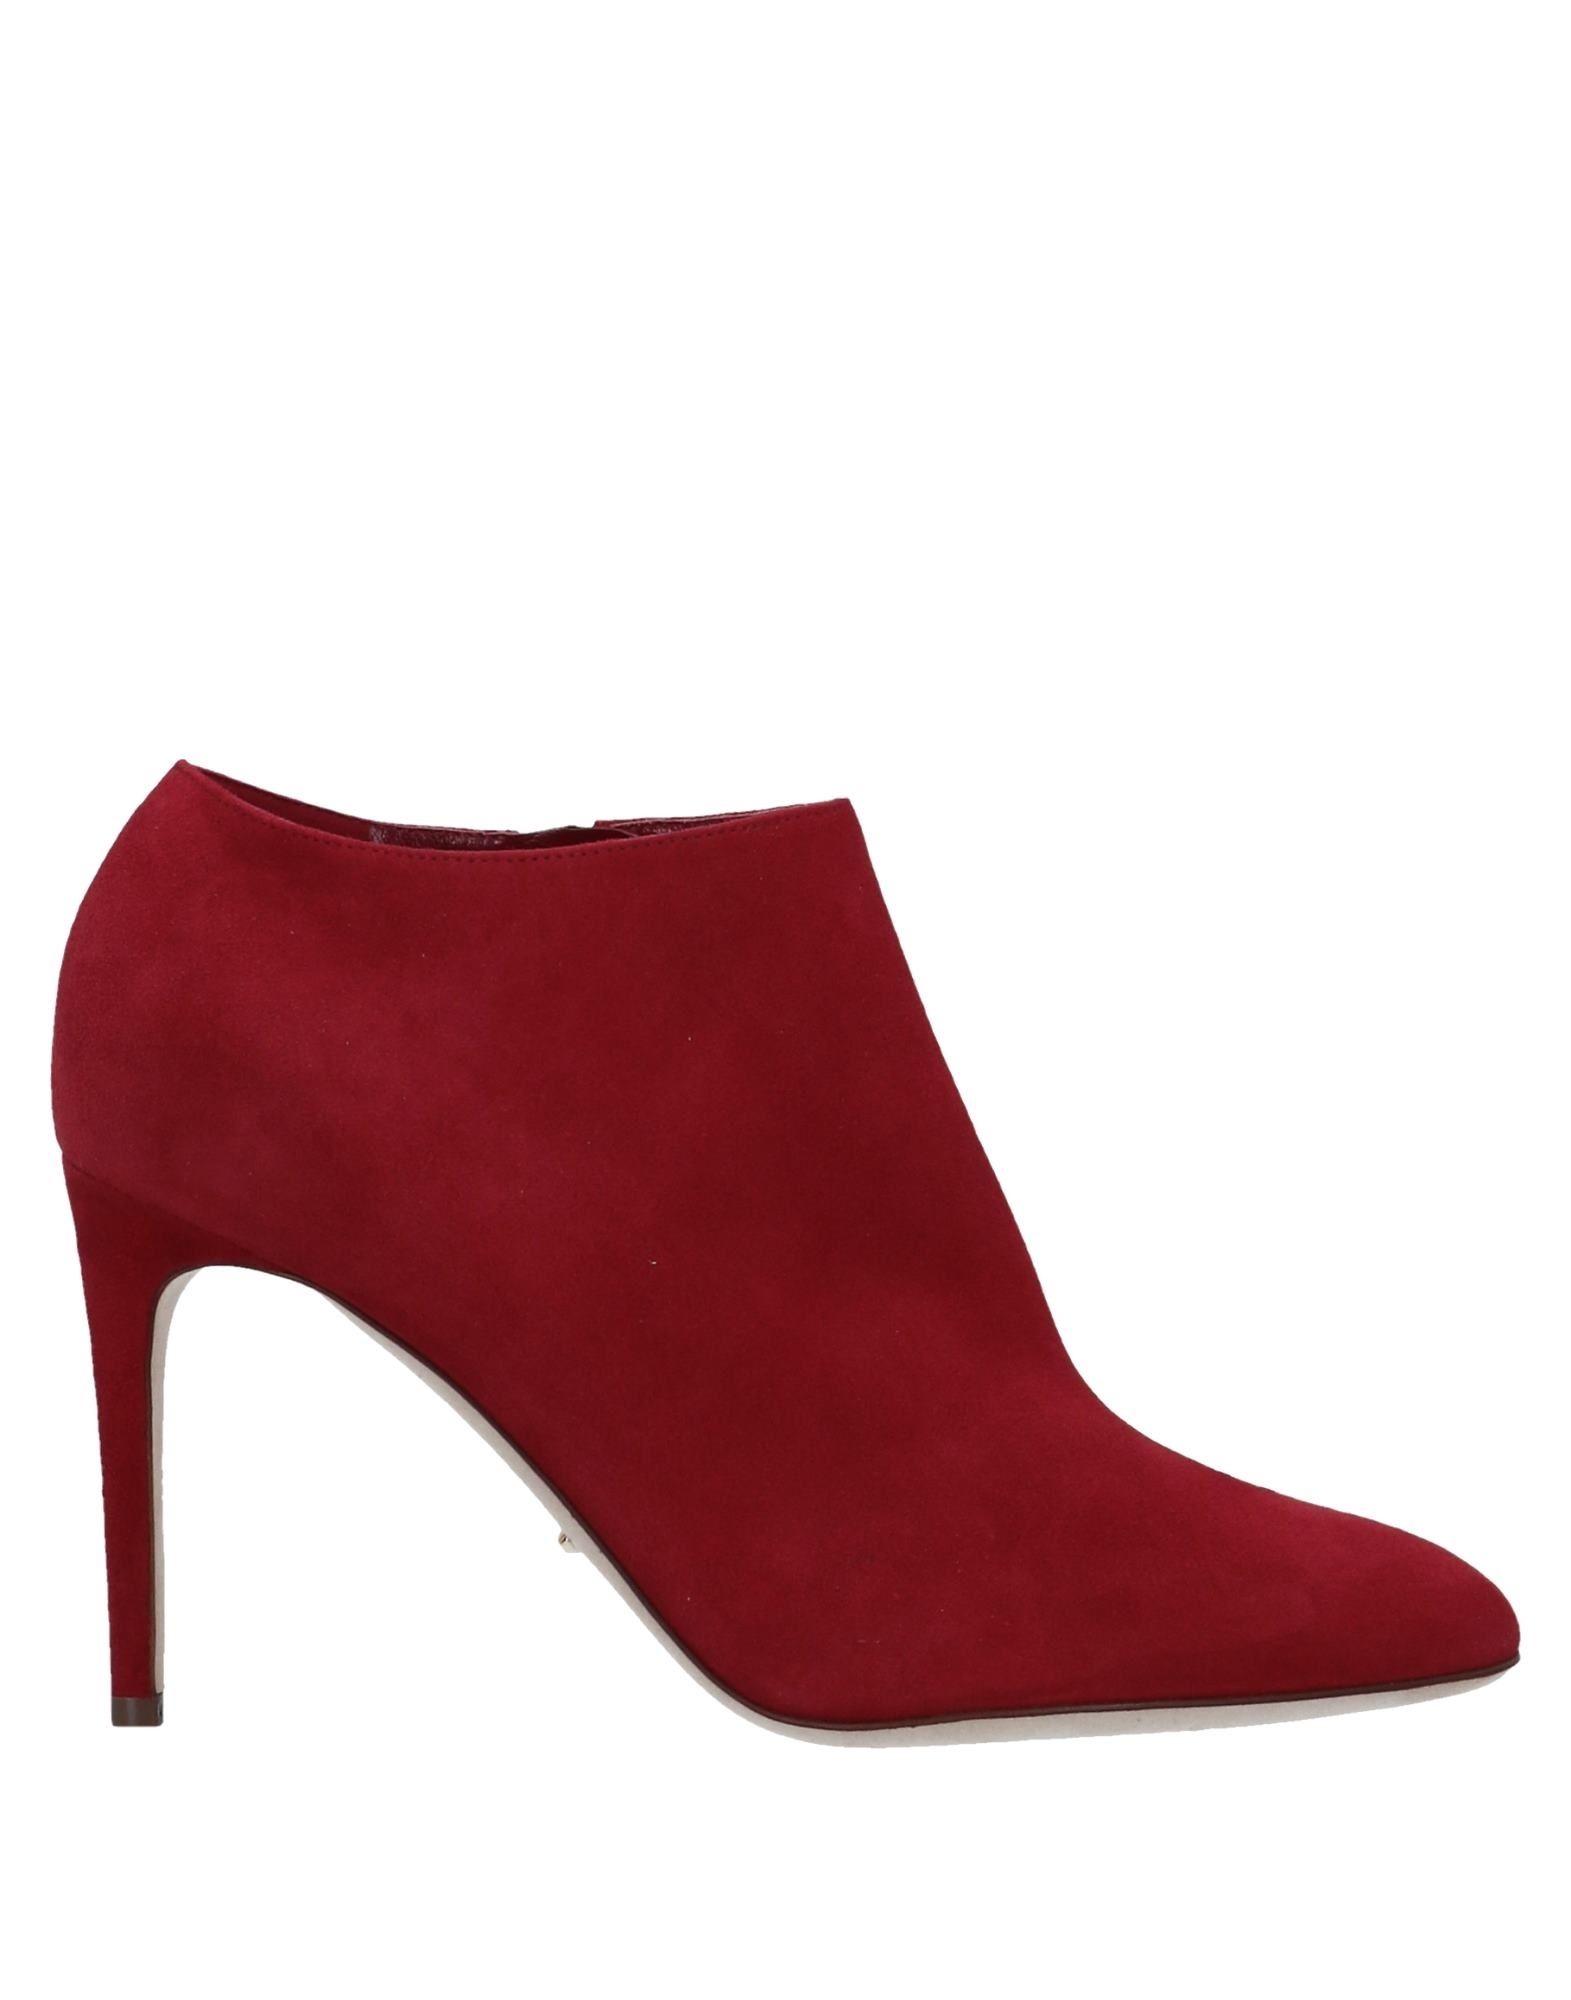 Sergio Rossi Stiefelette Damen  11535661HVGünstige gut aussehende Schuhe